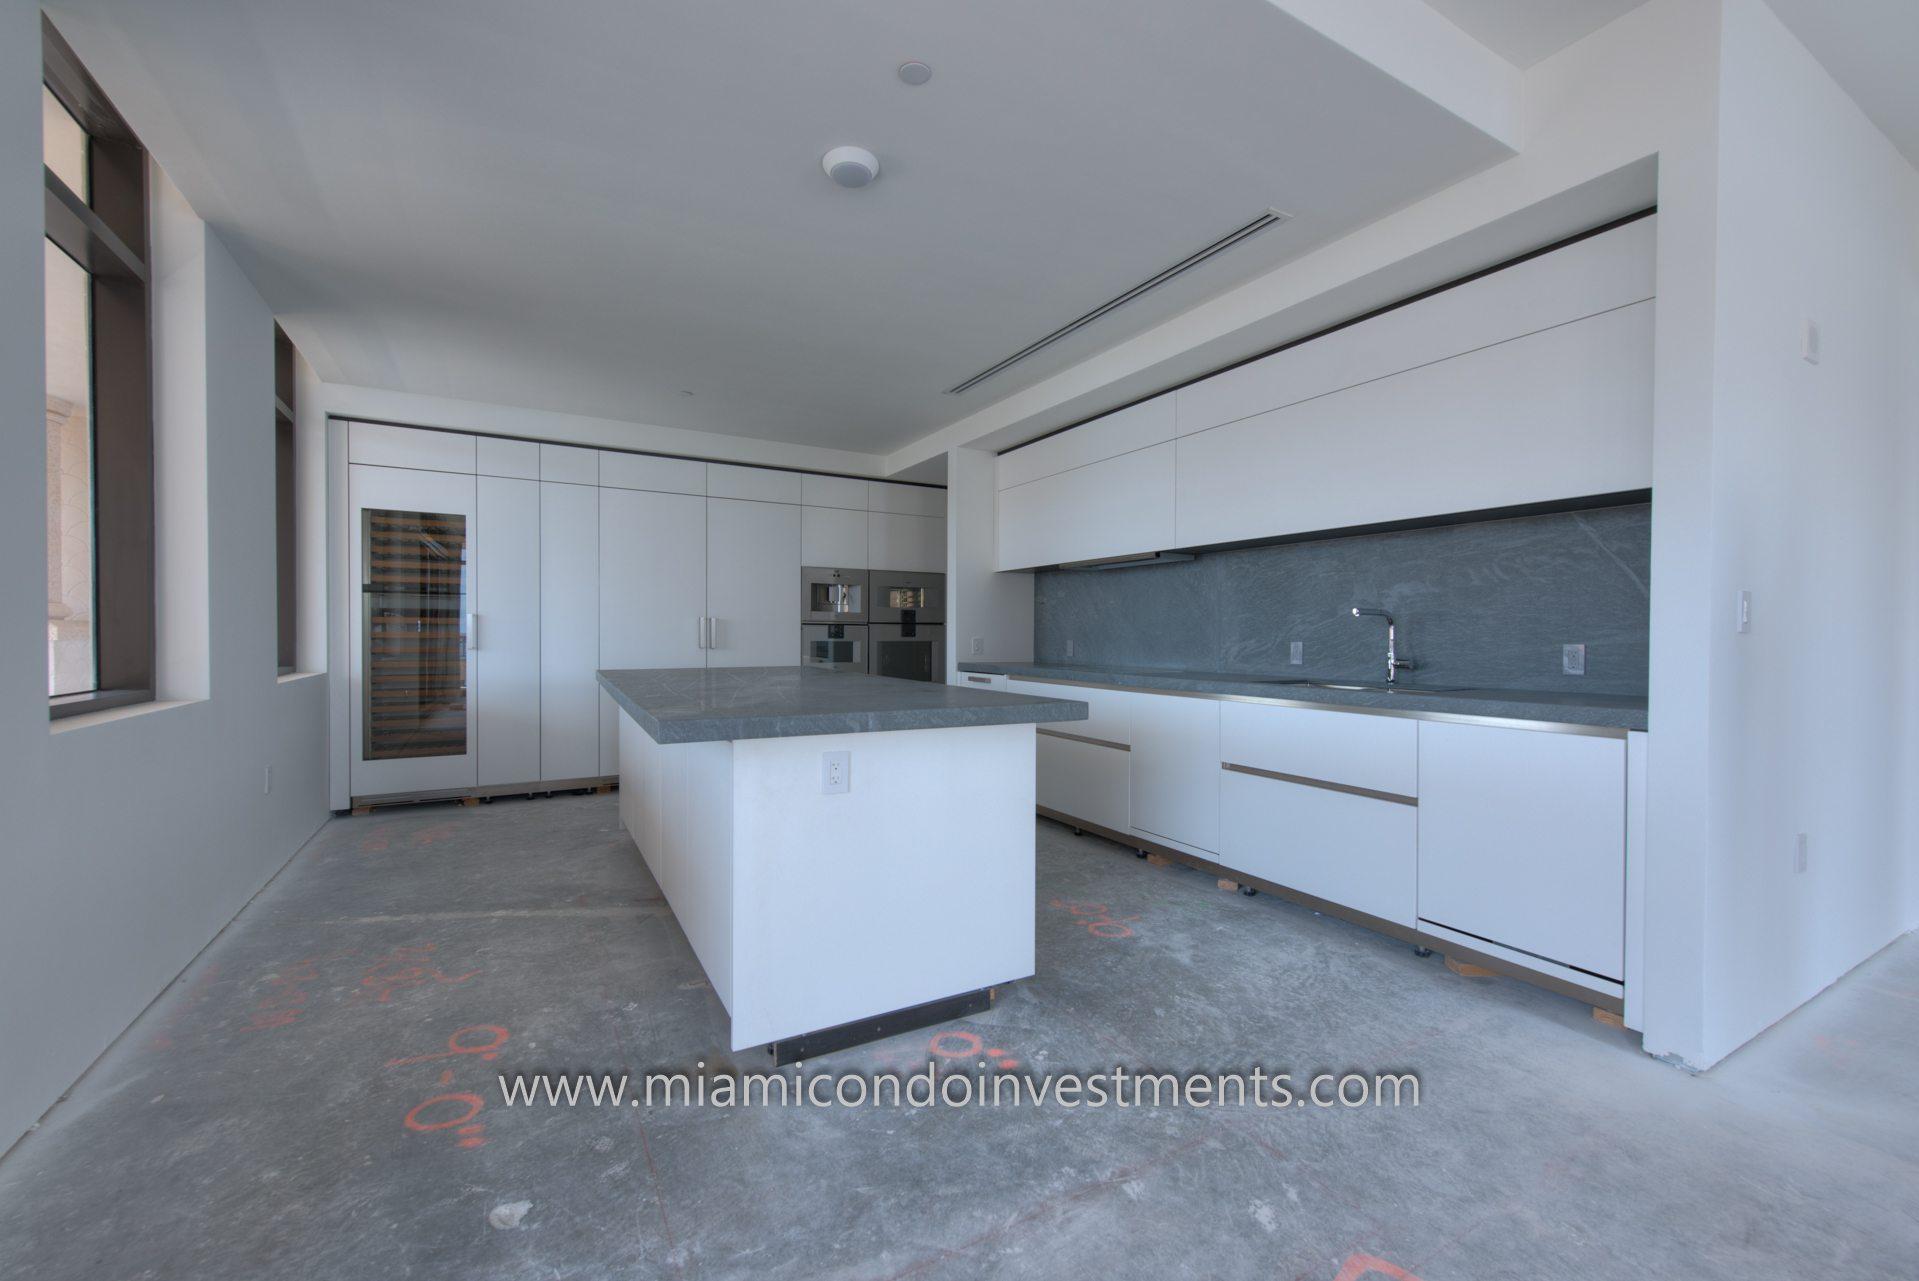 Palazzo Del Sol kitchen